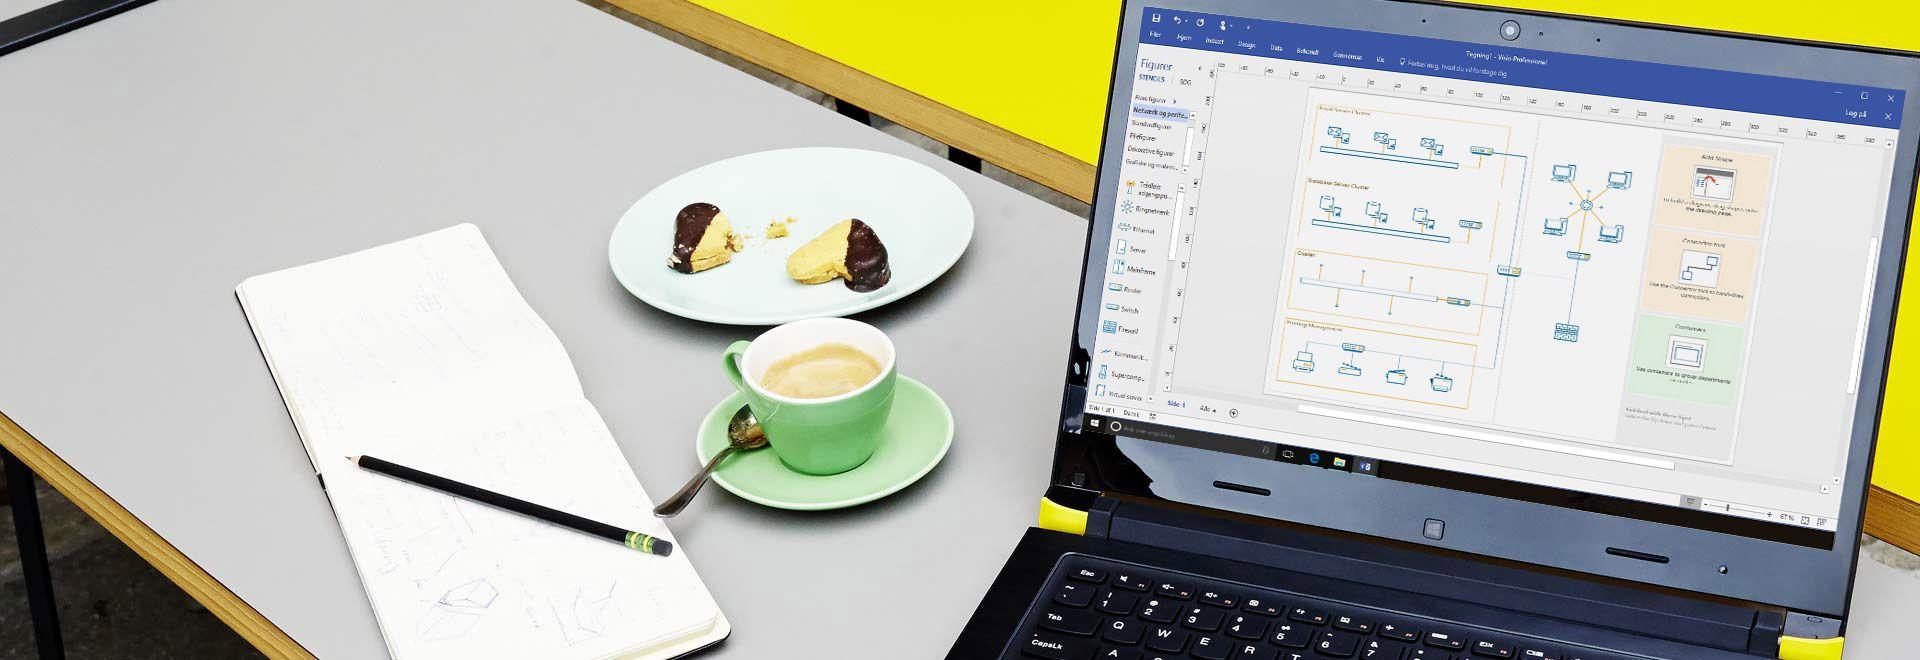 Nærbillede af en bærbar computer, der viser et Visio-diagram med redigeringsbånd og rude